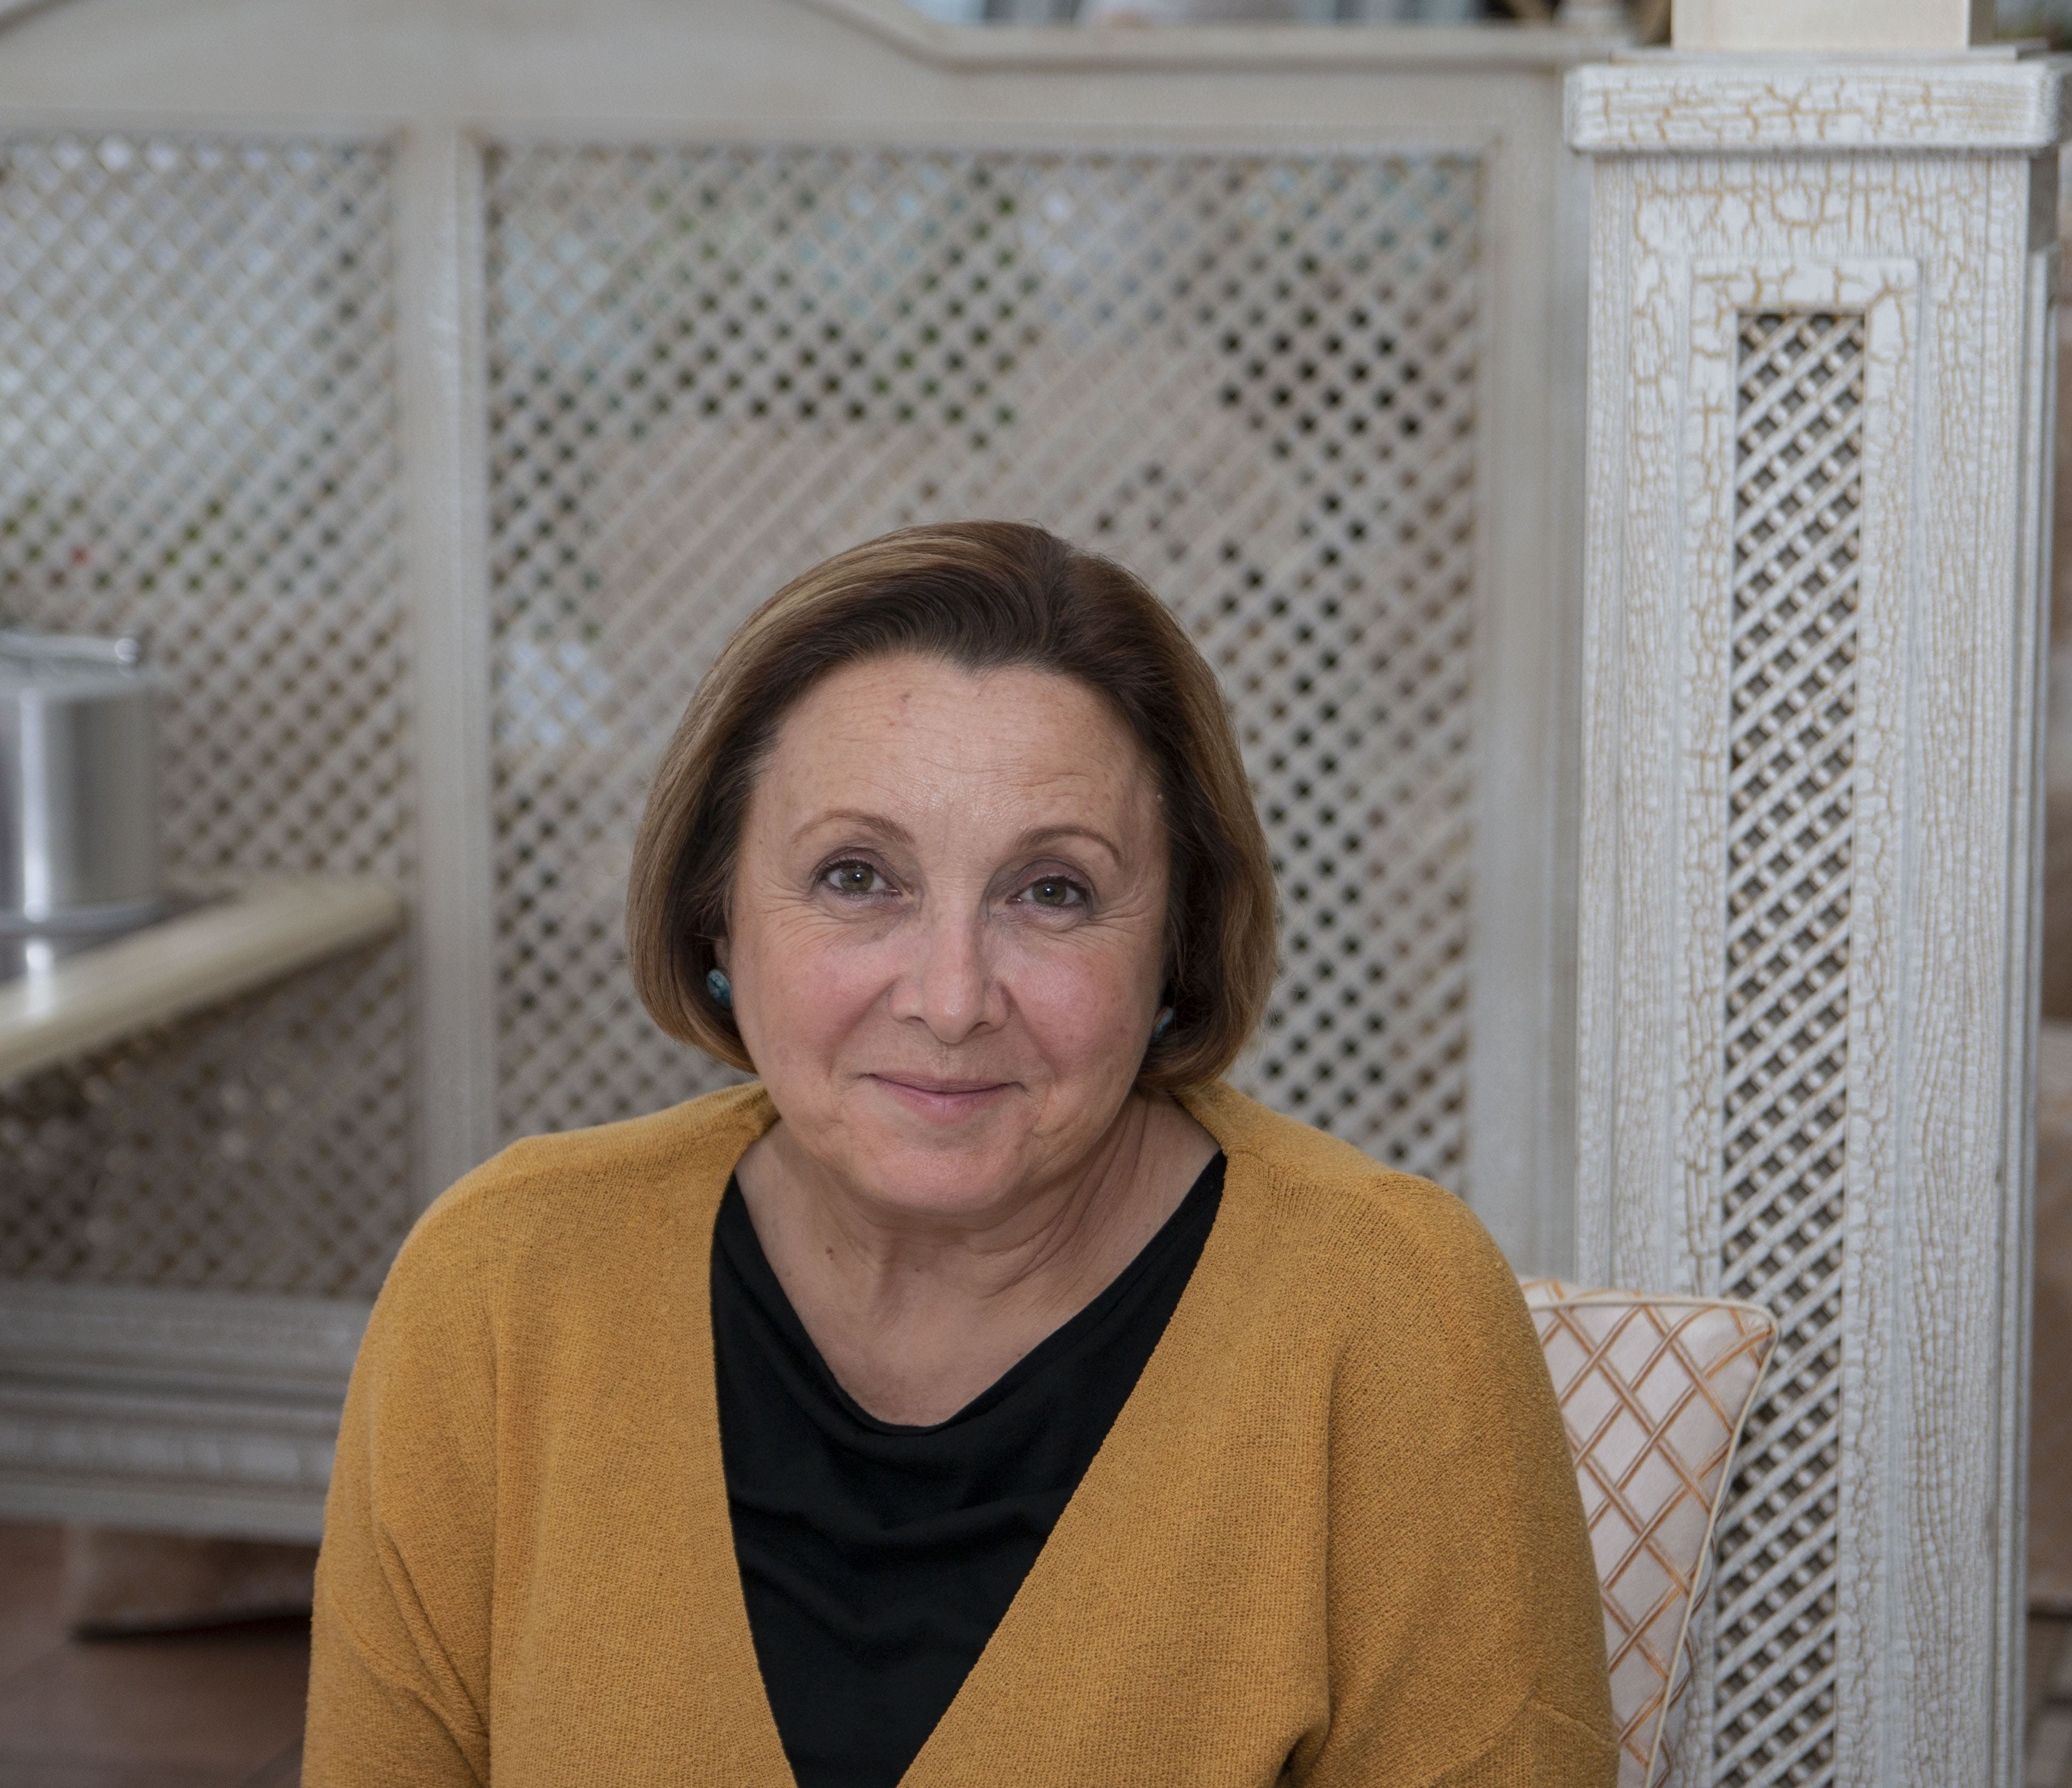 Заседание, посвященное старту конкурса грантовых проектов: эксперт конкурса Жанна Сугак